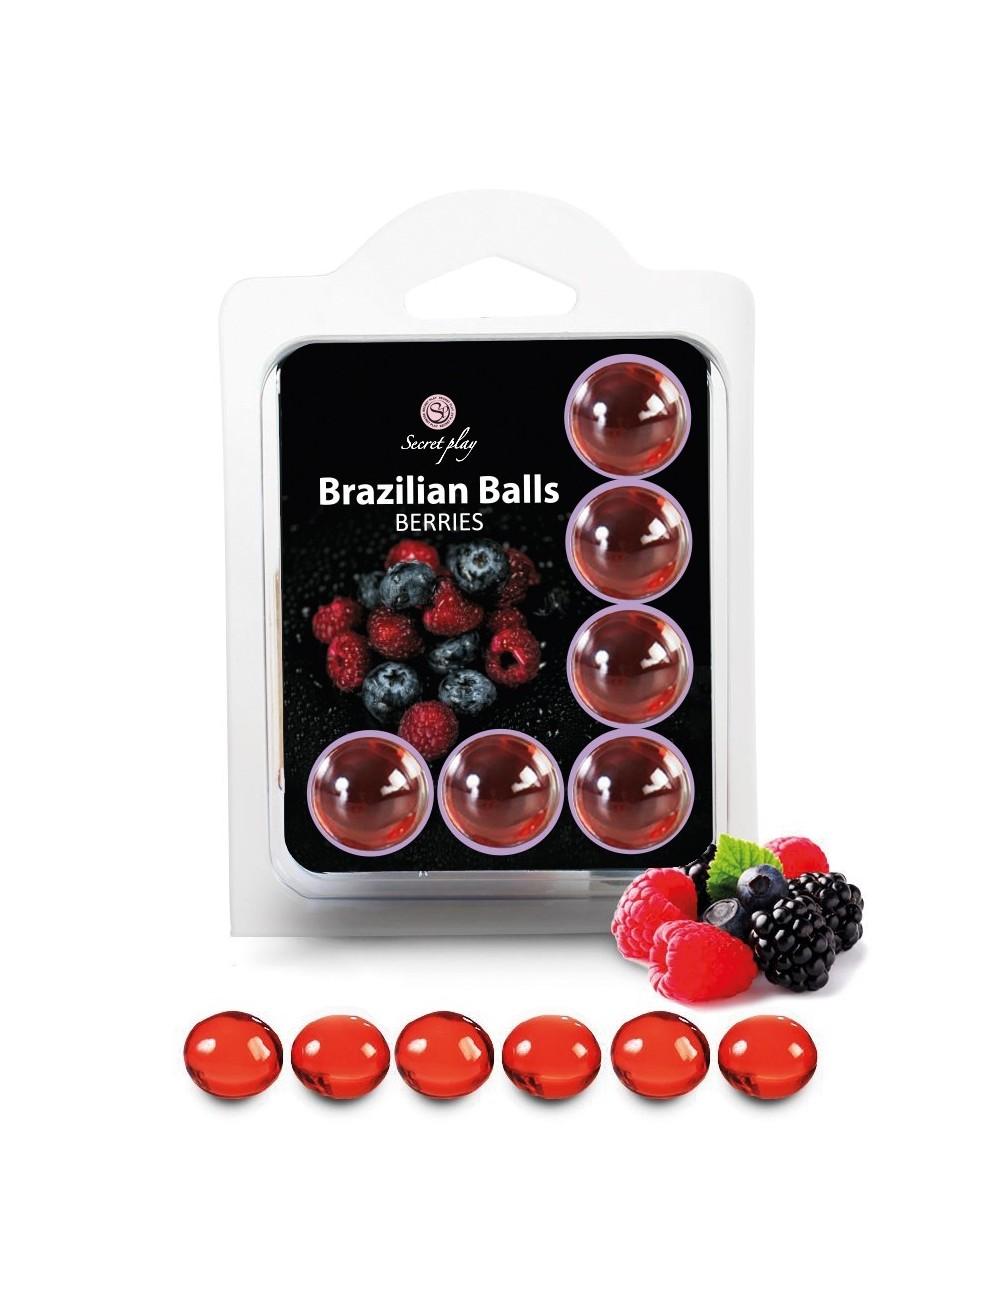 6 Brazilian Balls huile de massage au parfum fruits des bois 3386-5 - Huiles de massage -